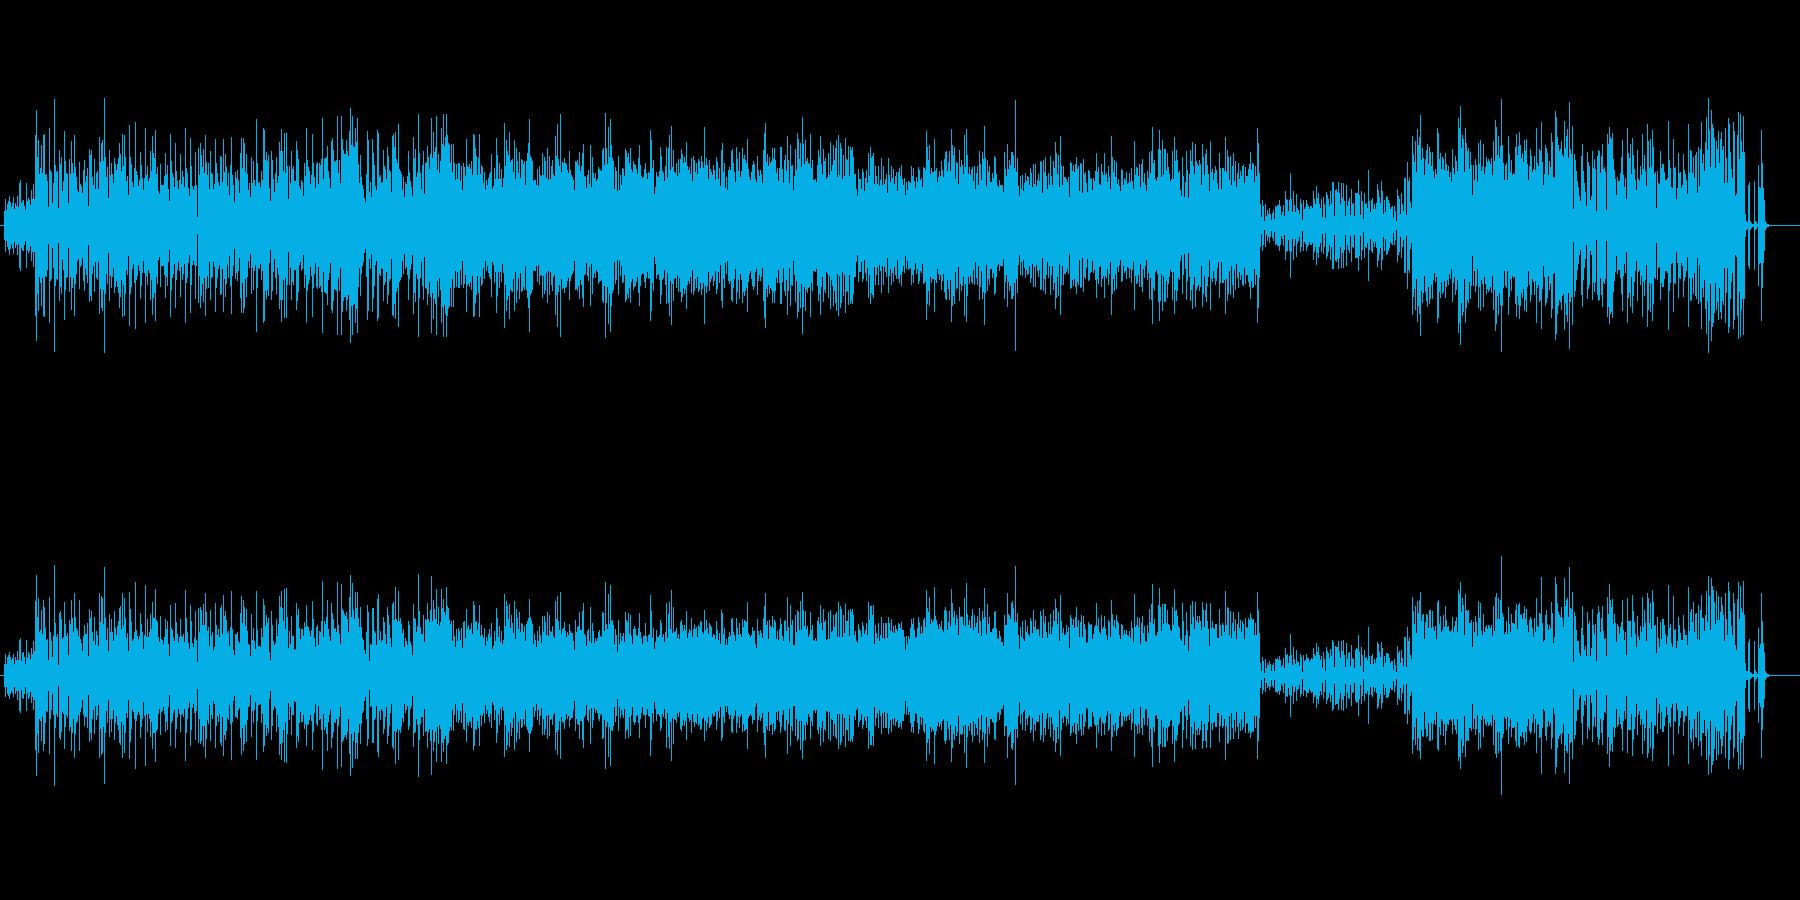 コミカルな雰囲気のスウィングピアノジャズの再生済みの波形